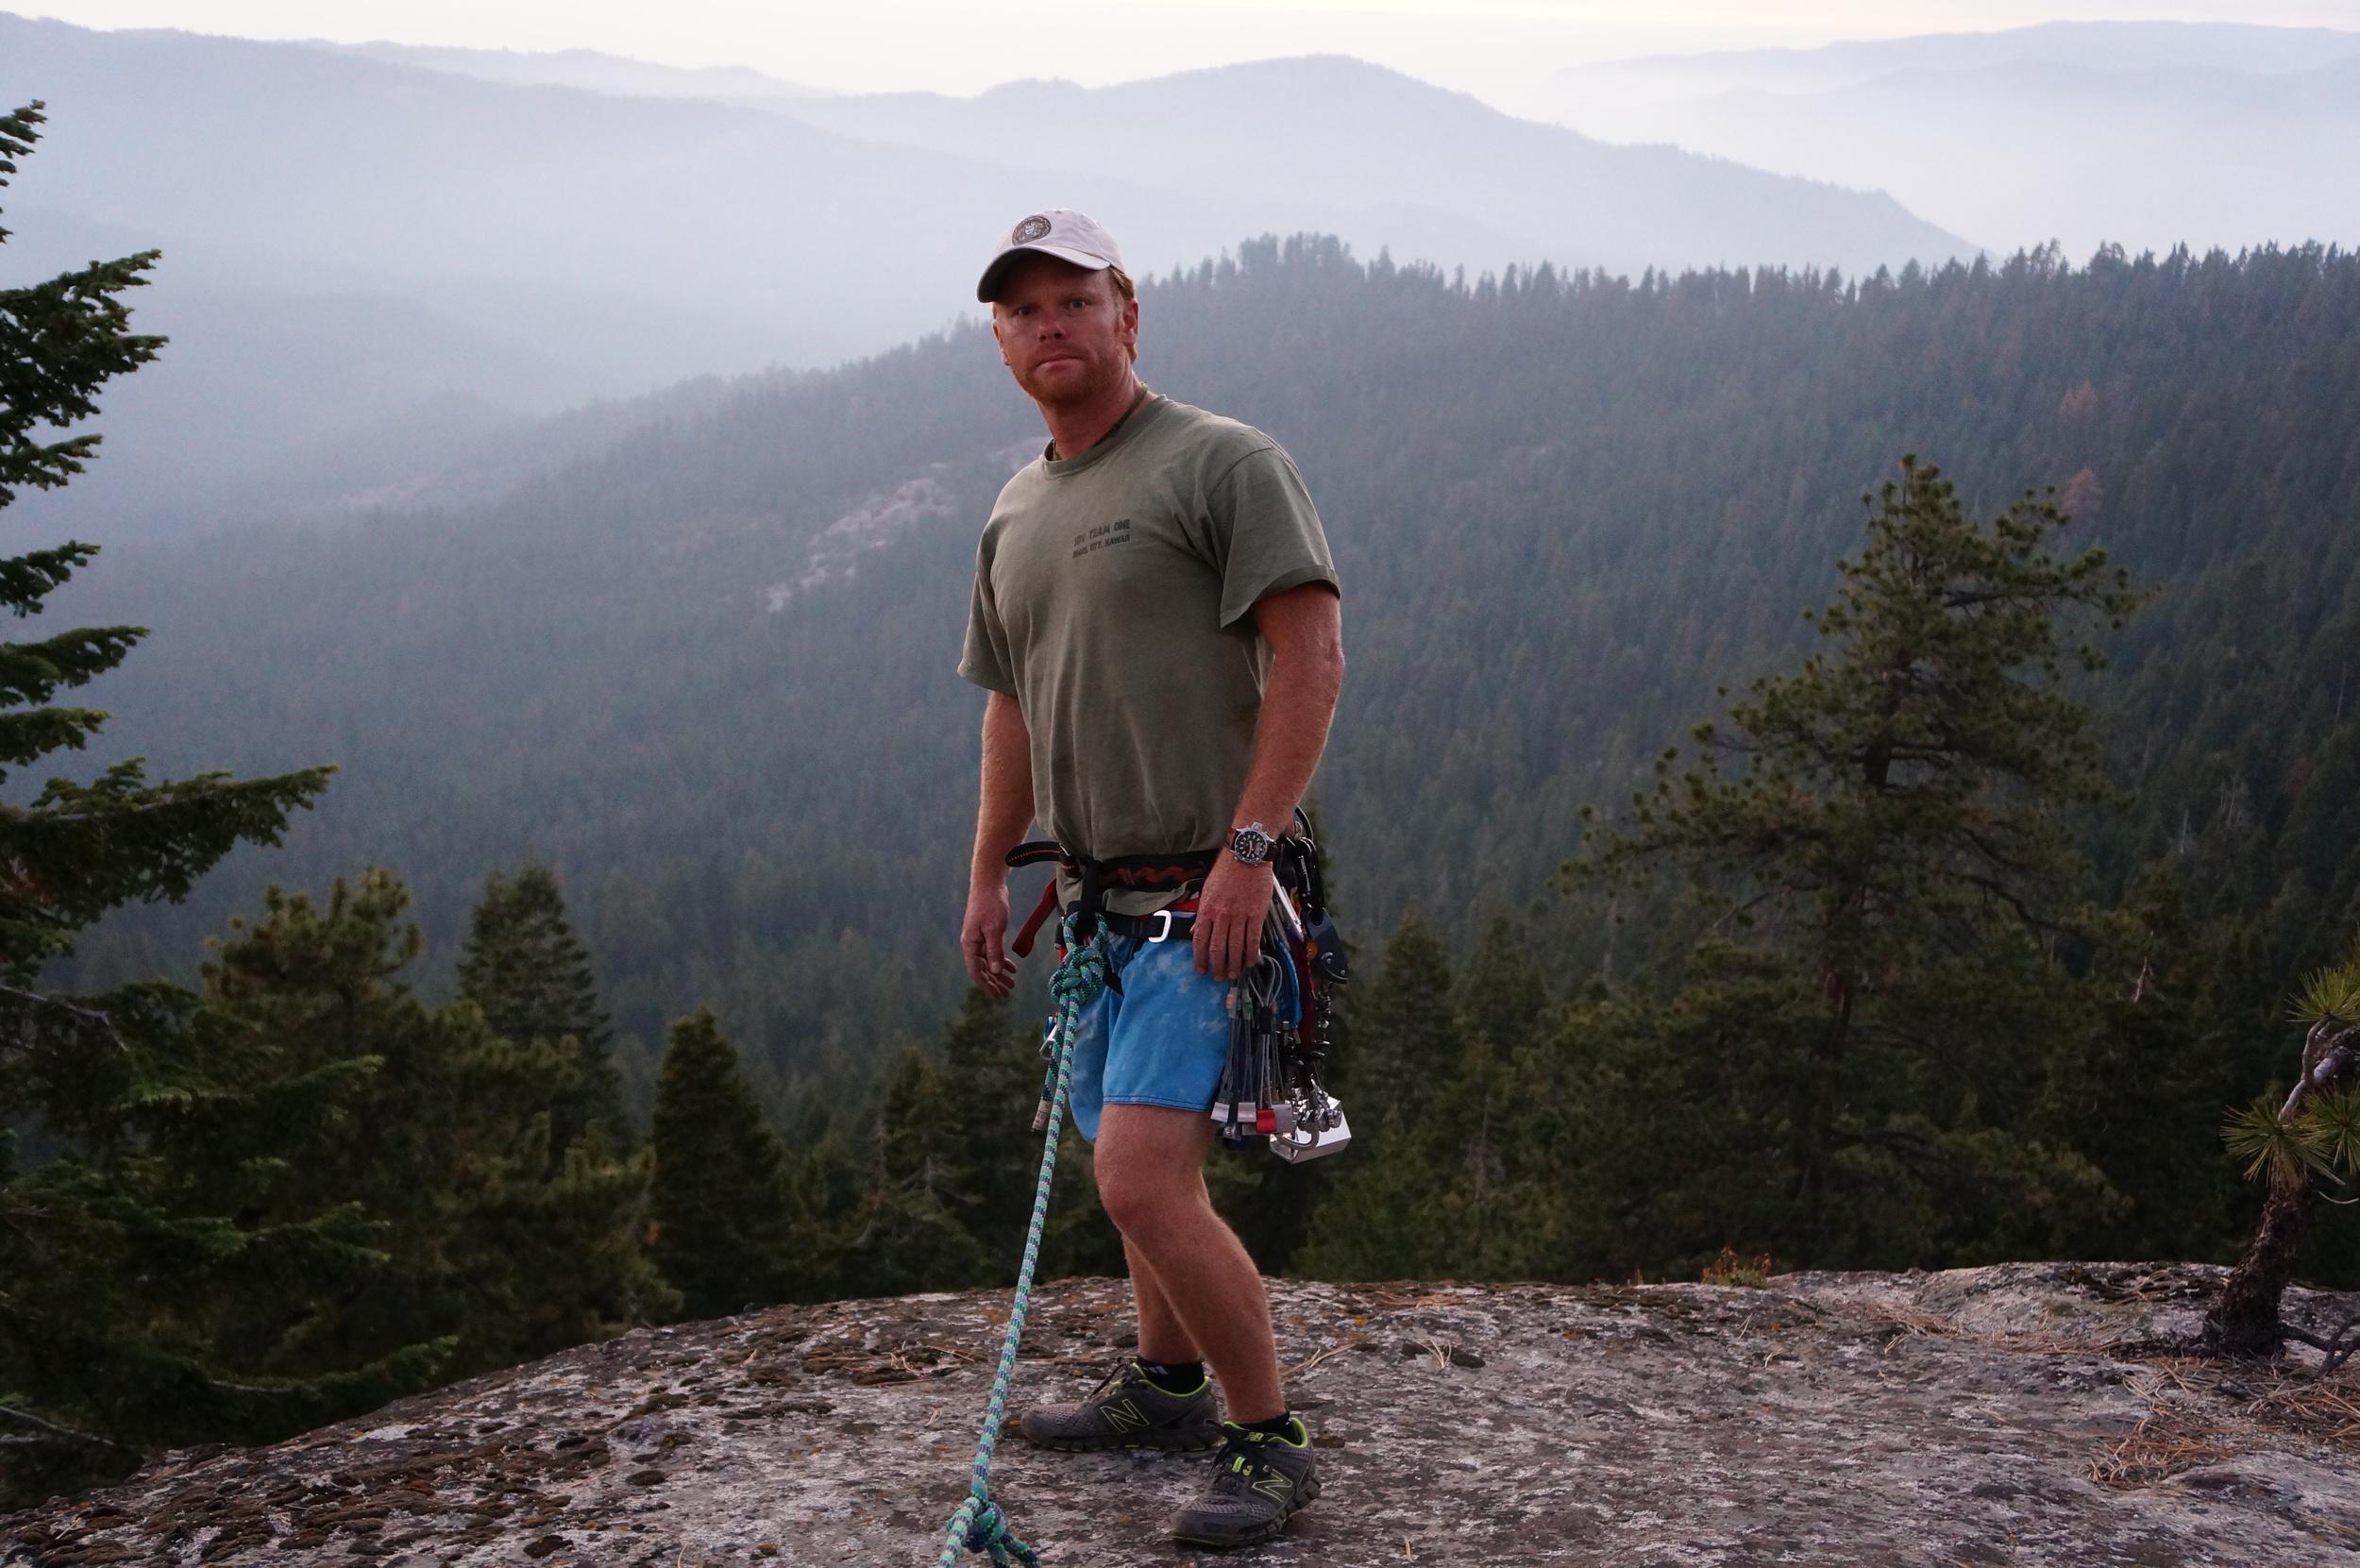 Gallery+Climbing+Active+Sequoias+California+TravelActive2013-07-30+19.15.18Eric+Davis+.jpg